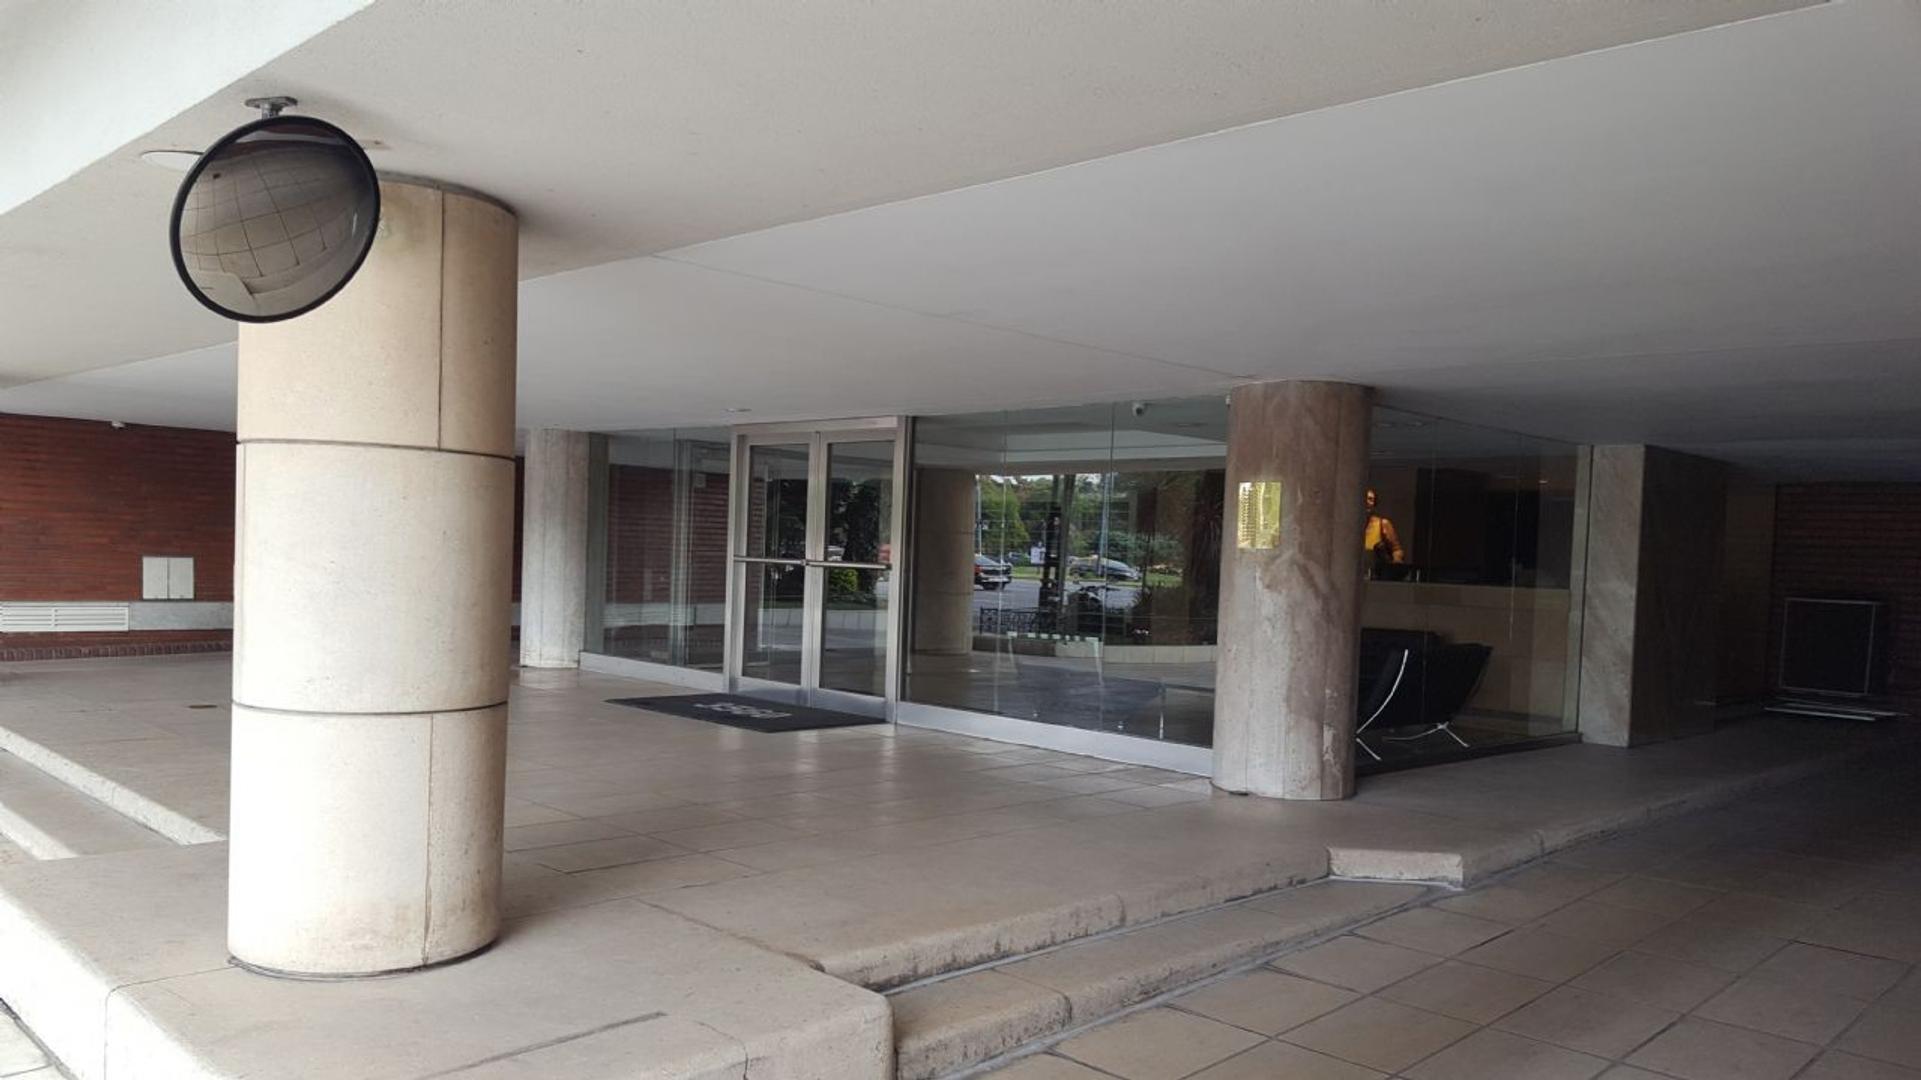 Departamento  en Alquiler ubicado en Palermo Nuevo, Capital Federal - CAB1233_LP167356_1